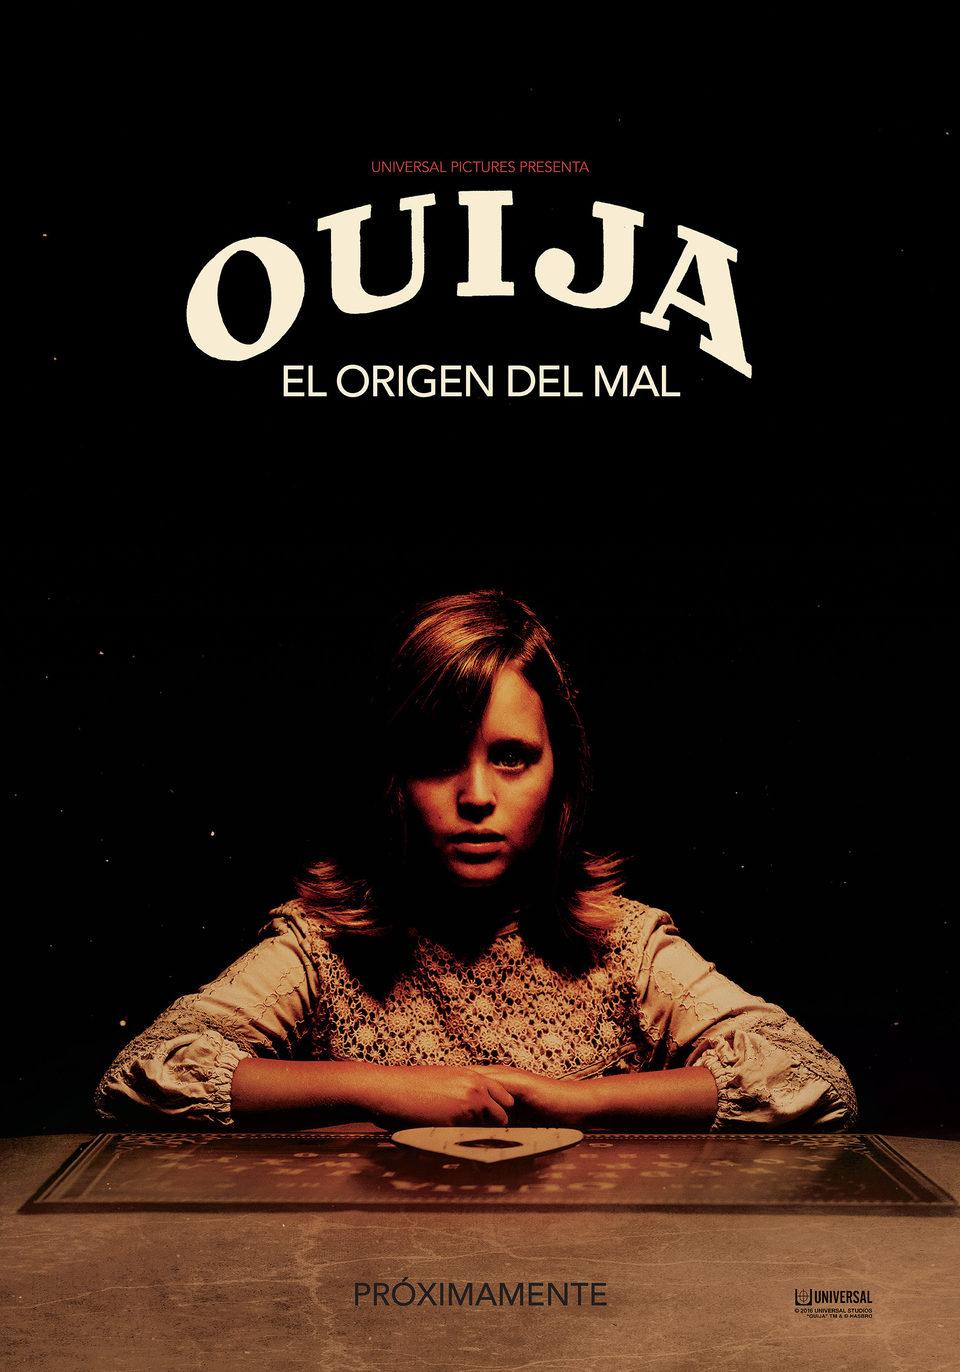 Cartel España de 'Ouija: El origen del mal'